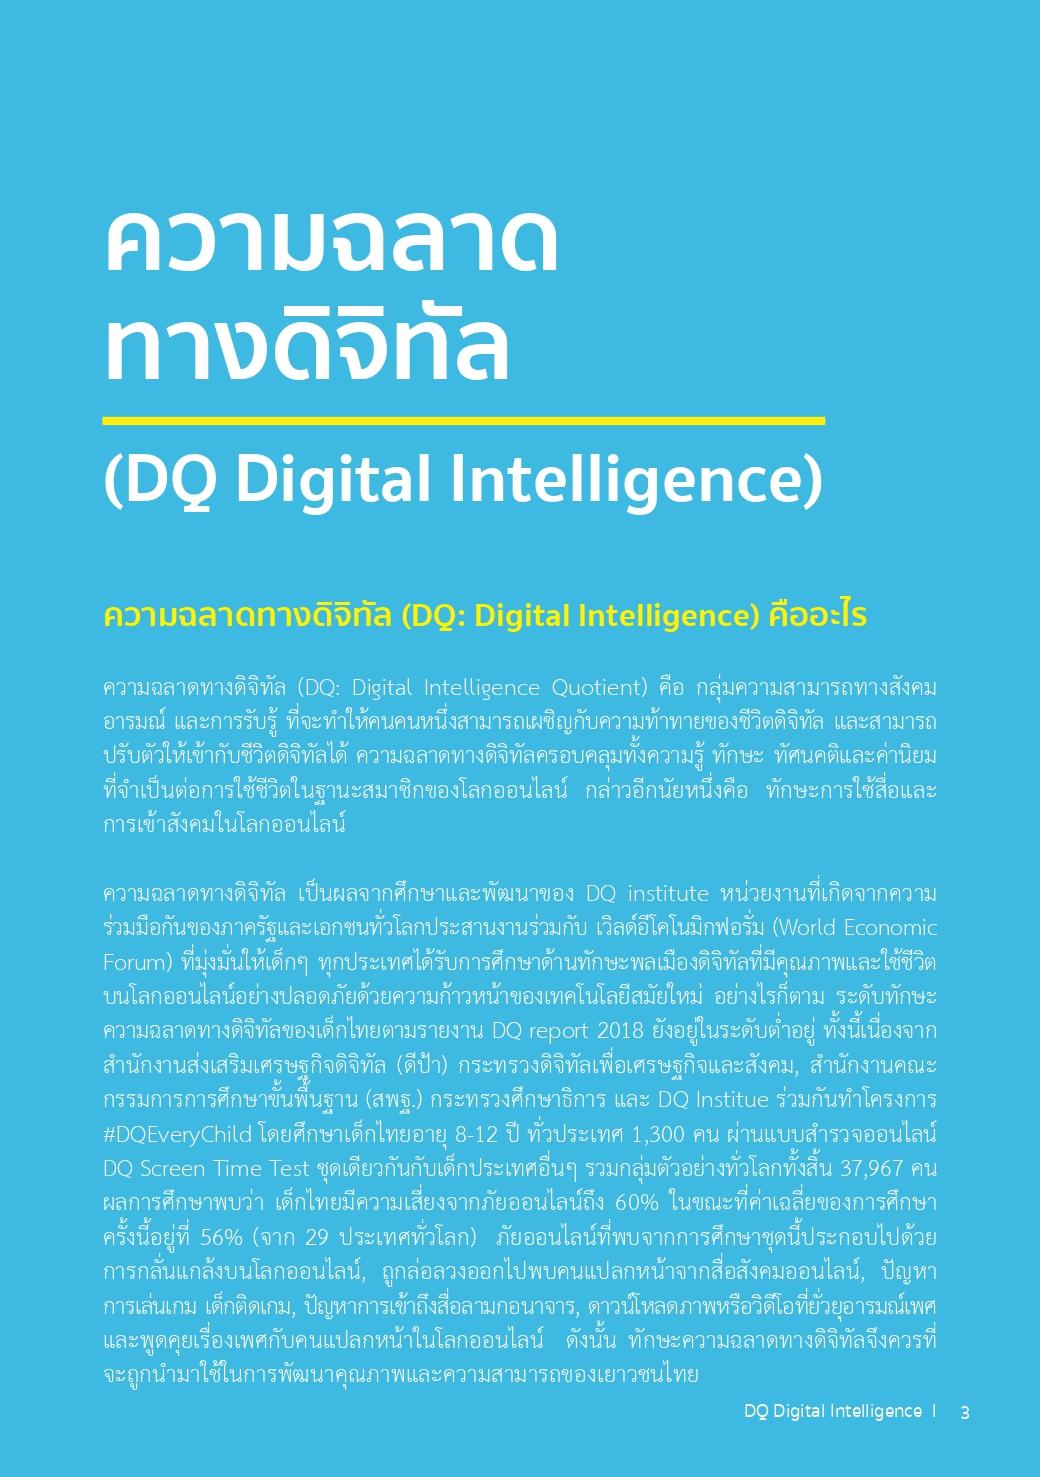 ความฉลาดทางดิจิทัล (DQ: Digital Intelligence)